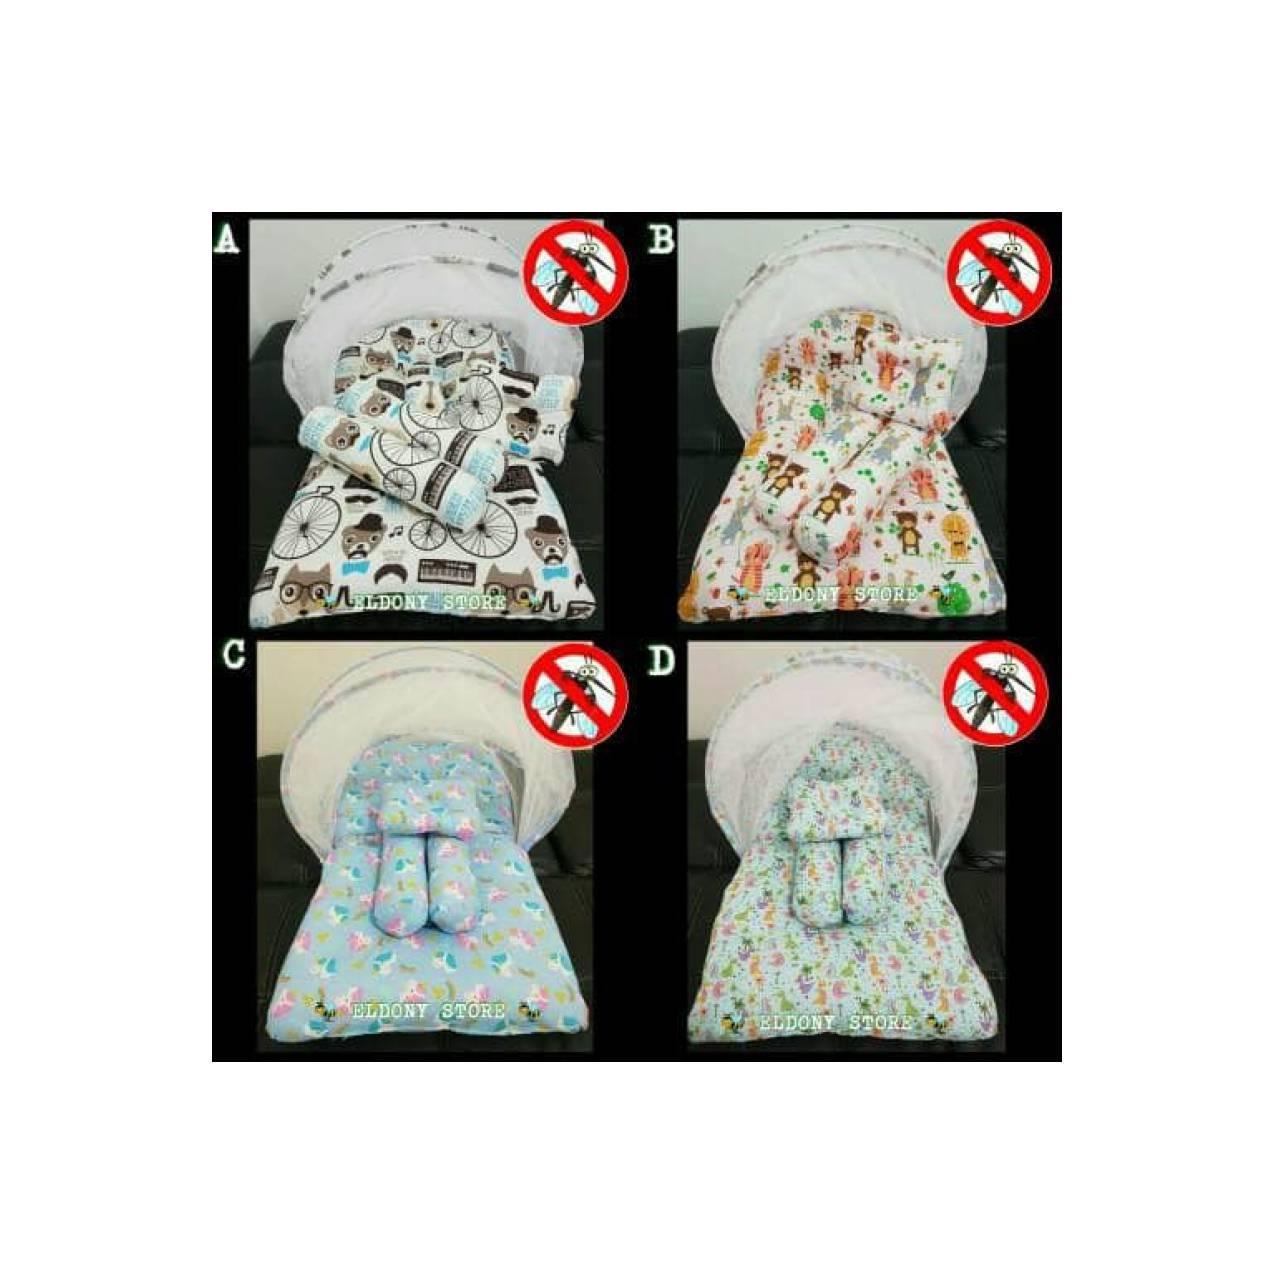 kasur lipat murah / kasur bess/ selimut bayi / gendongan bayi